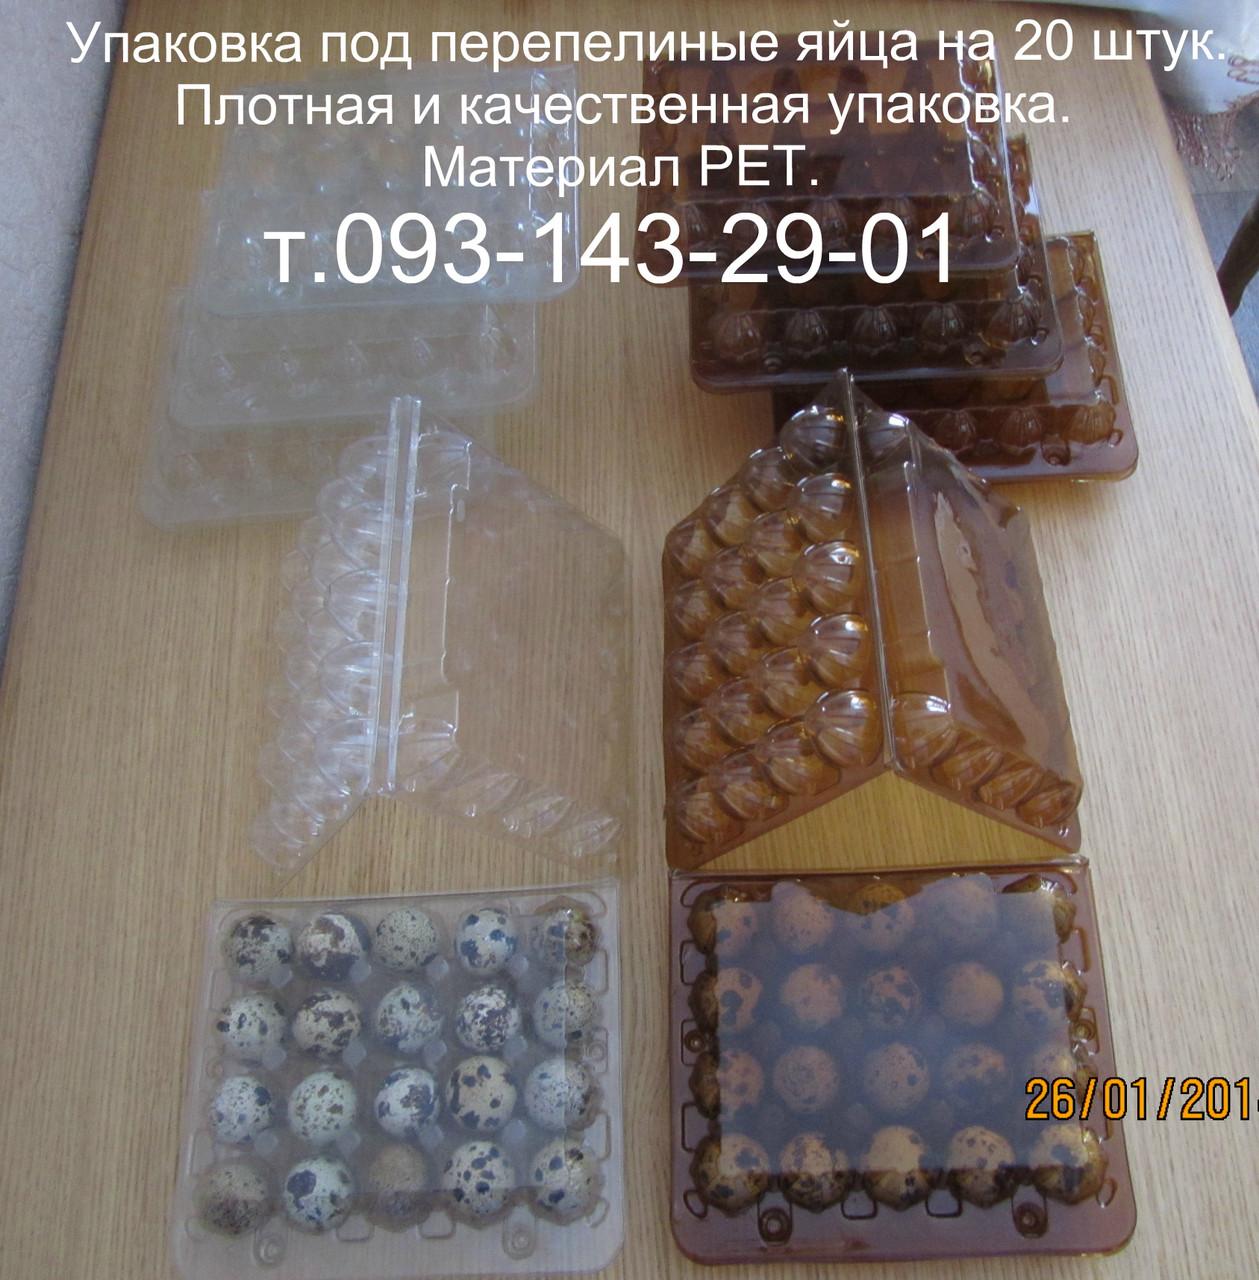 Упаковка под перепелиные яйца на 20 шт. Коричневая упаковка для перепелиных яиц. Материал РЕТ.